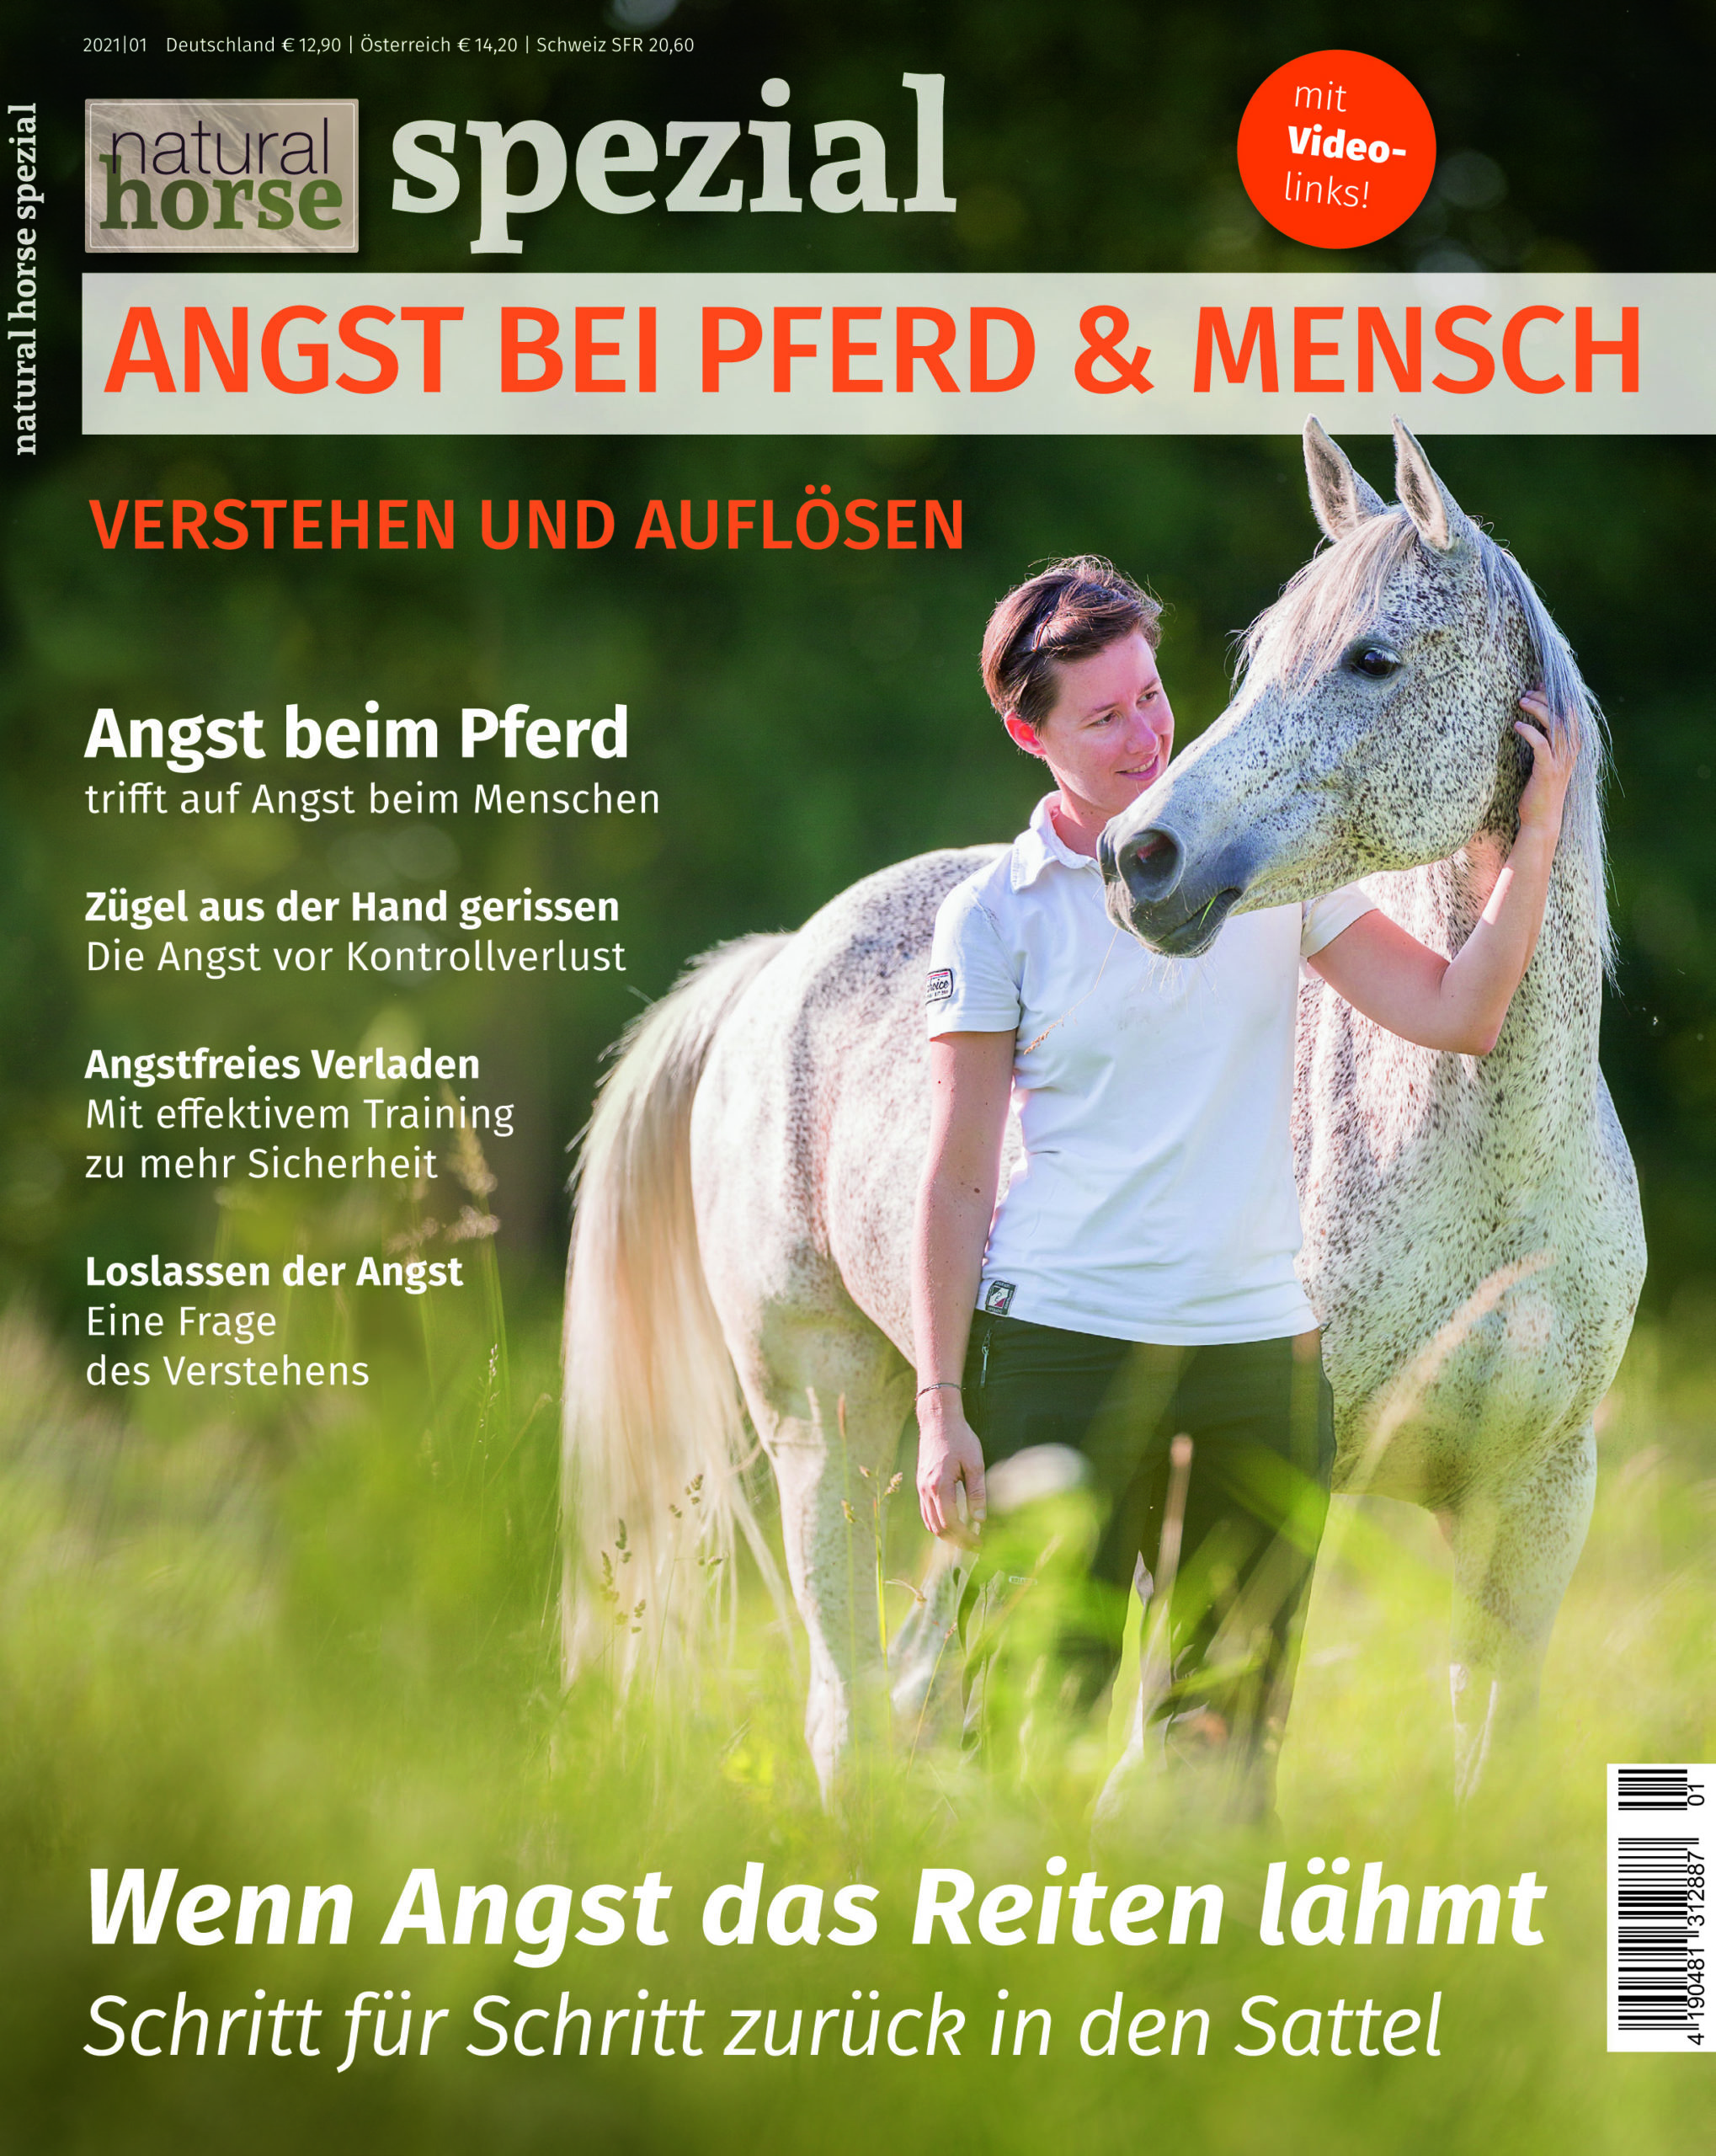 Natural Horse 36 Spezial Angst bei Pferd & Mensch